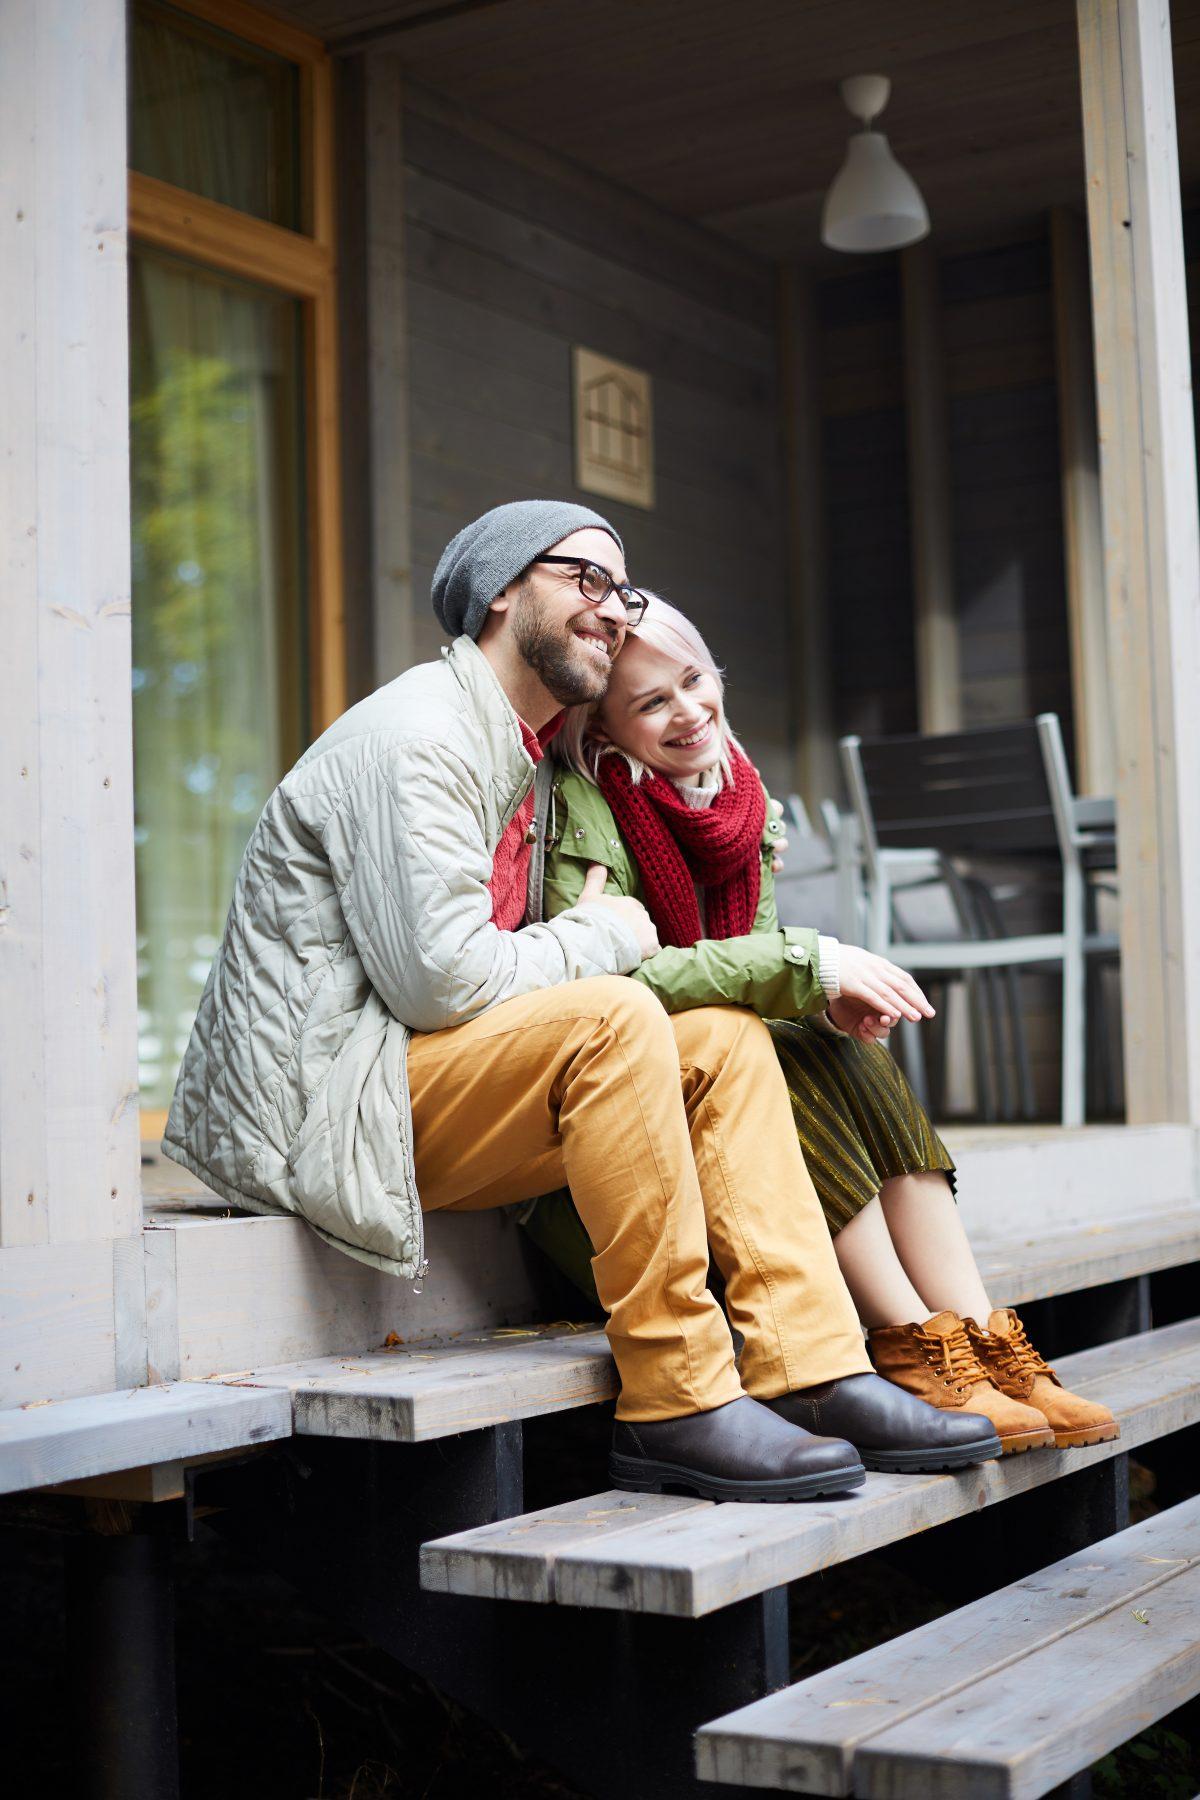 romantic couple on porch KYR6W7P